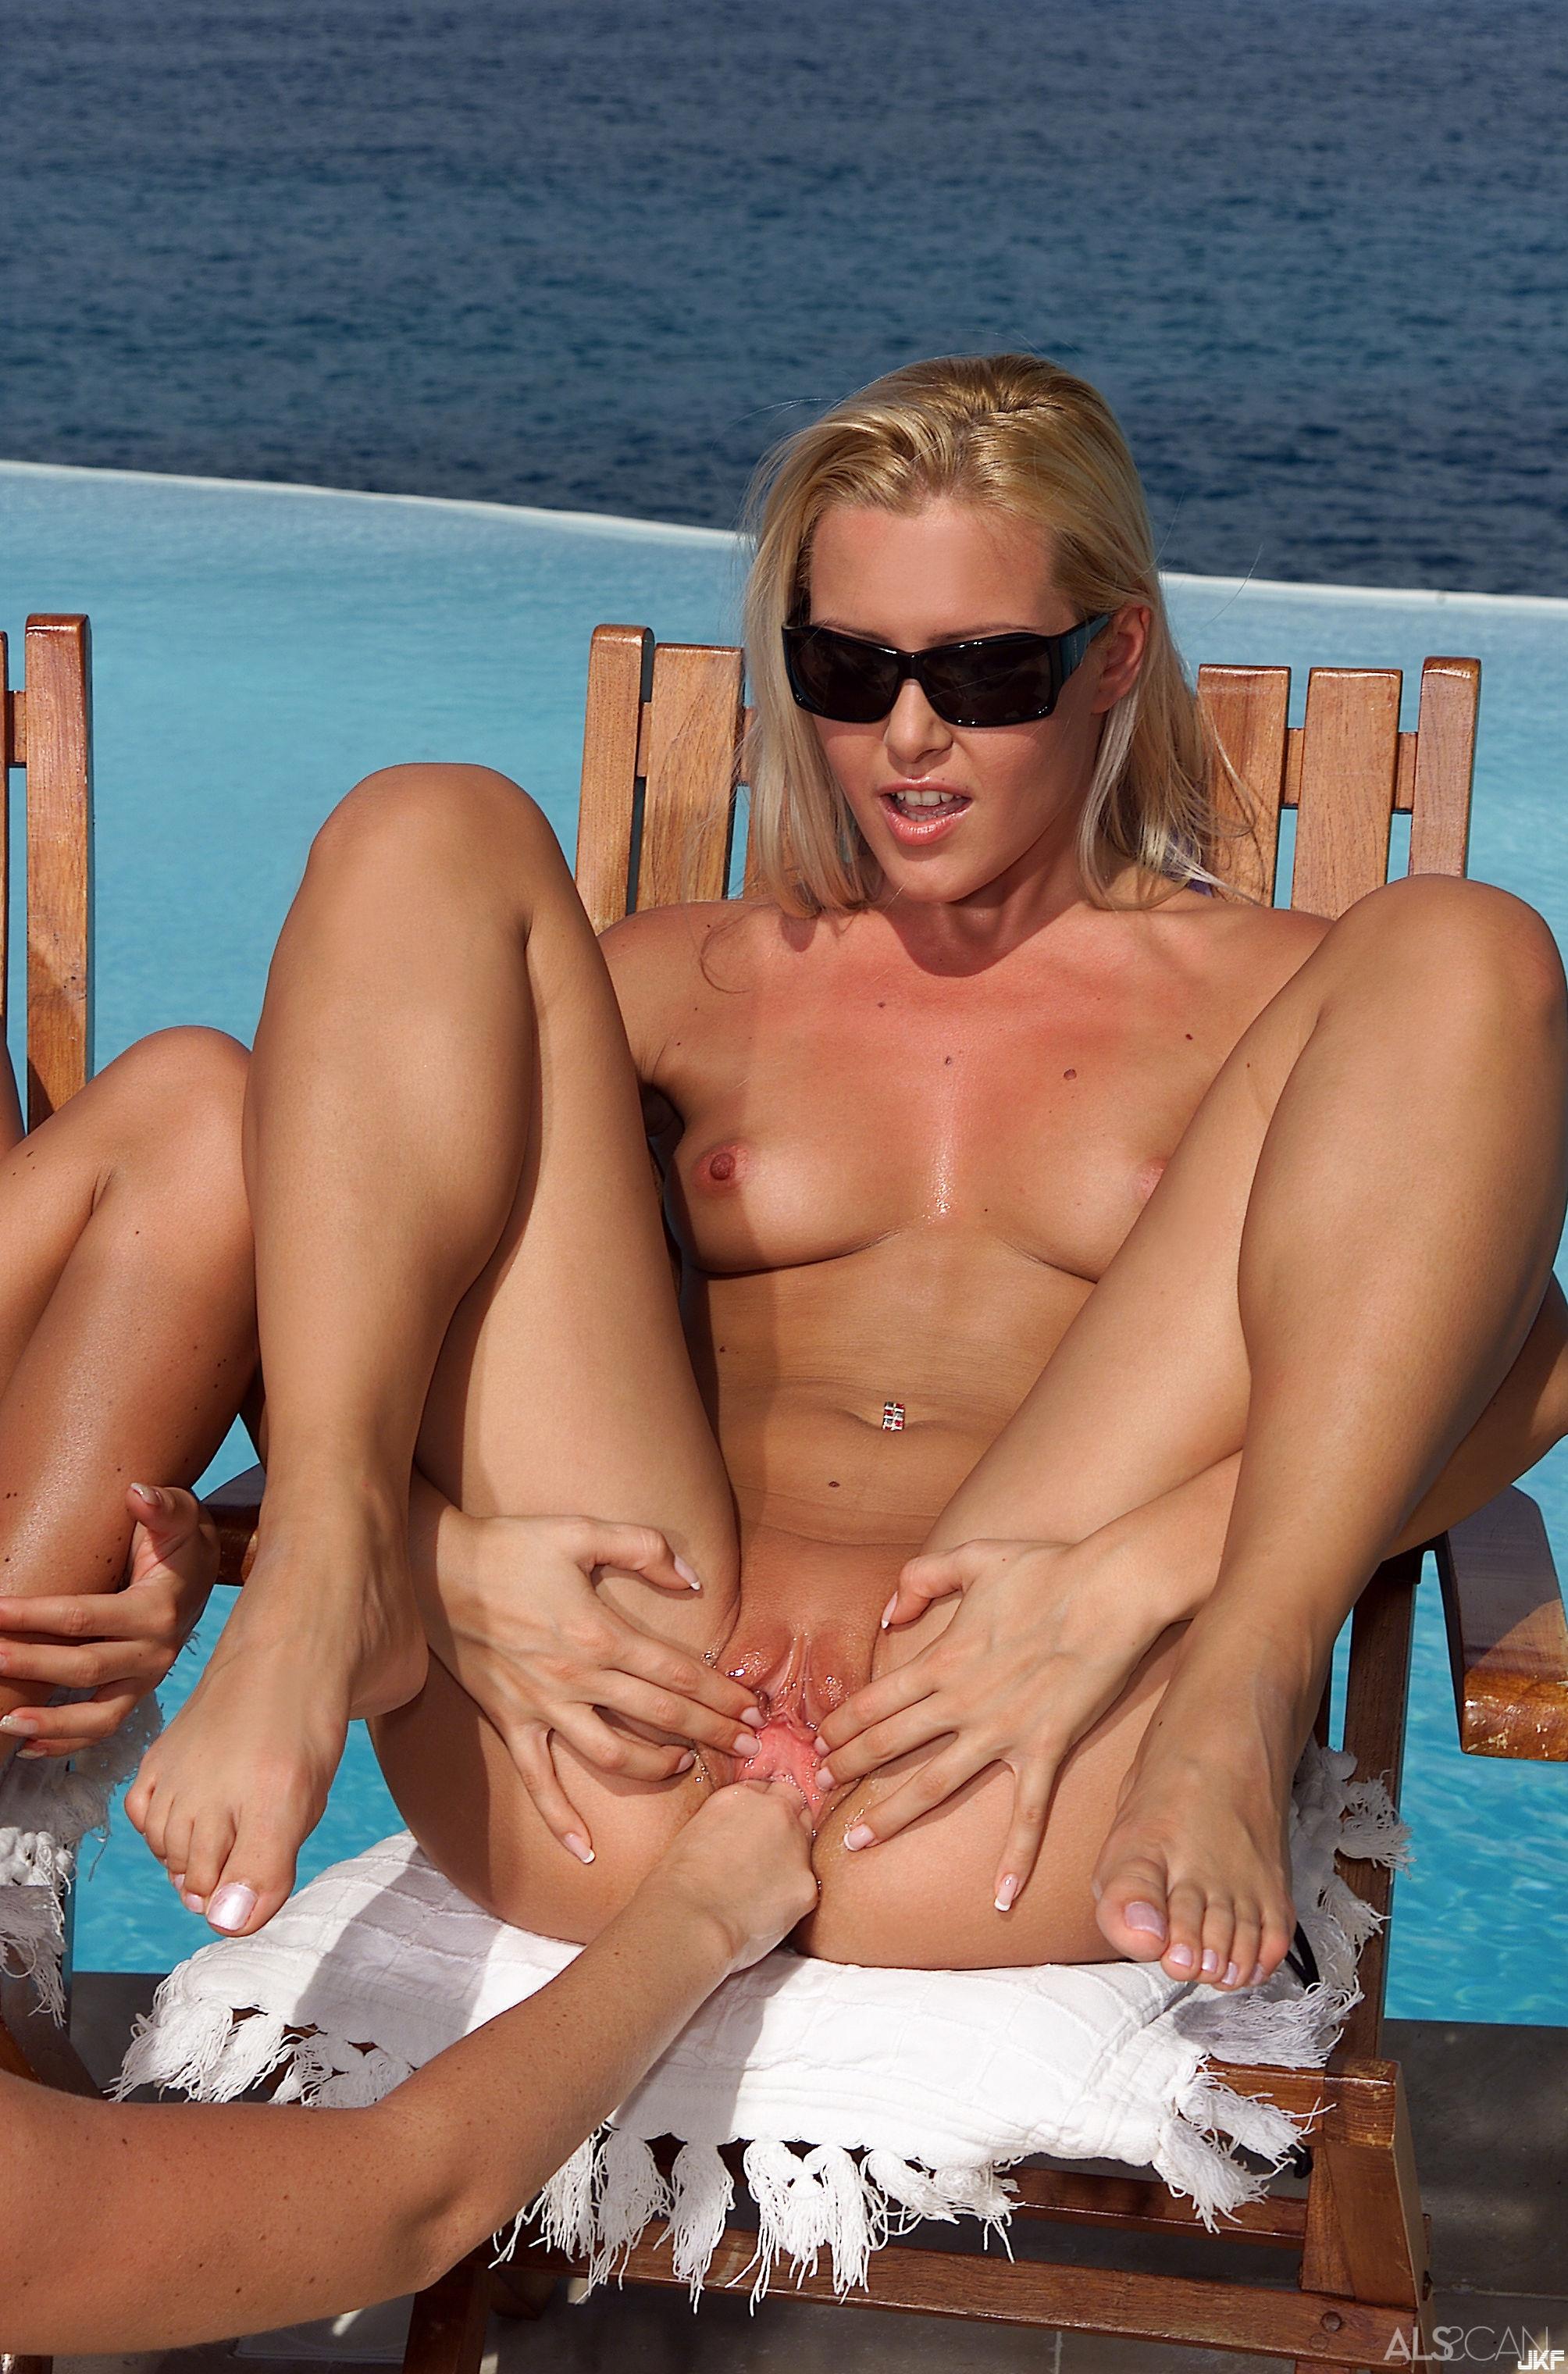 ALS_Nella-Sophie--Trish_Nella--Sophie-Moone--Trisha-Uptown_medium_0171.jpg